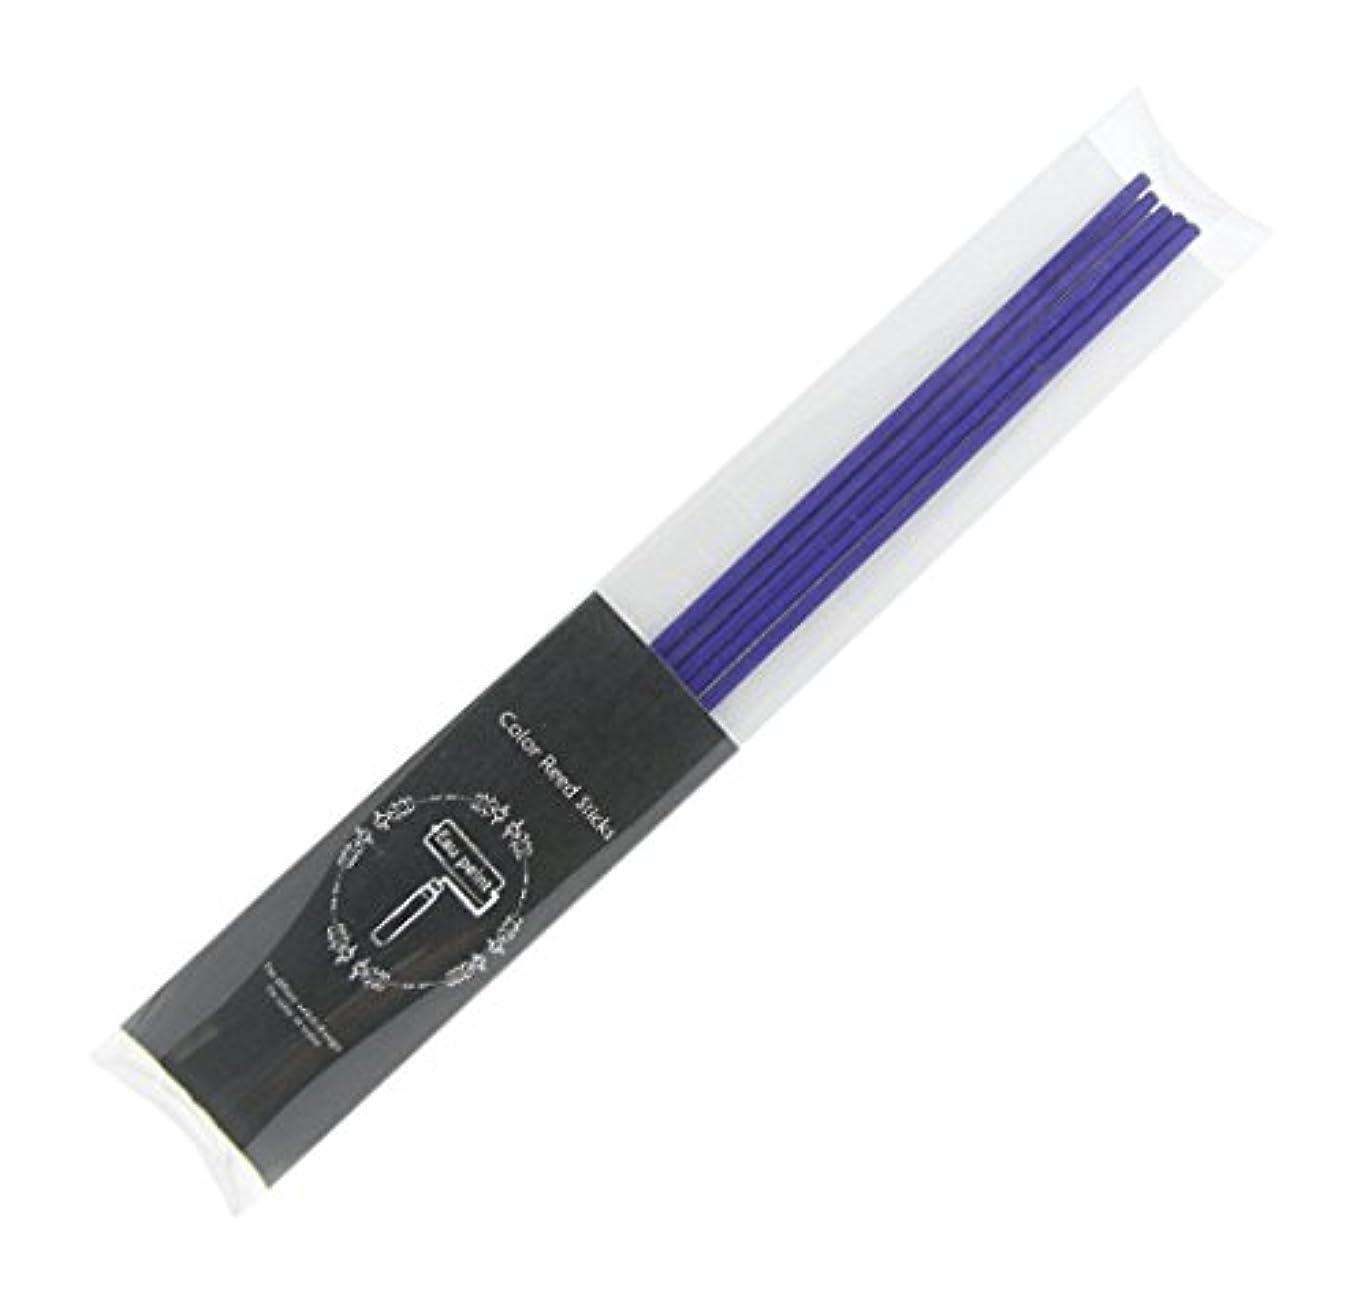 ミット死コンテンツEau peint mais+ カラースティック リードディフューザー用スティック 5本入 パープル Purple オーペイント マイス